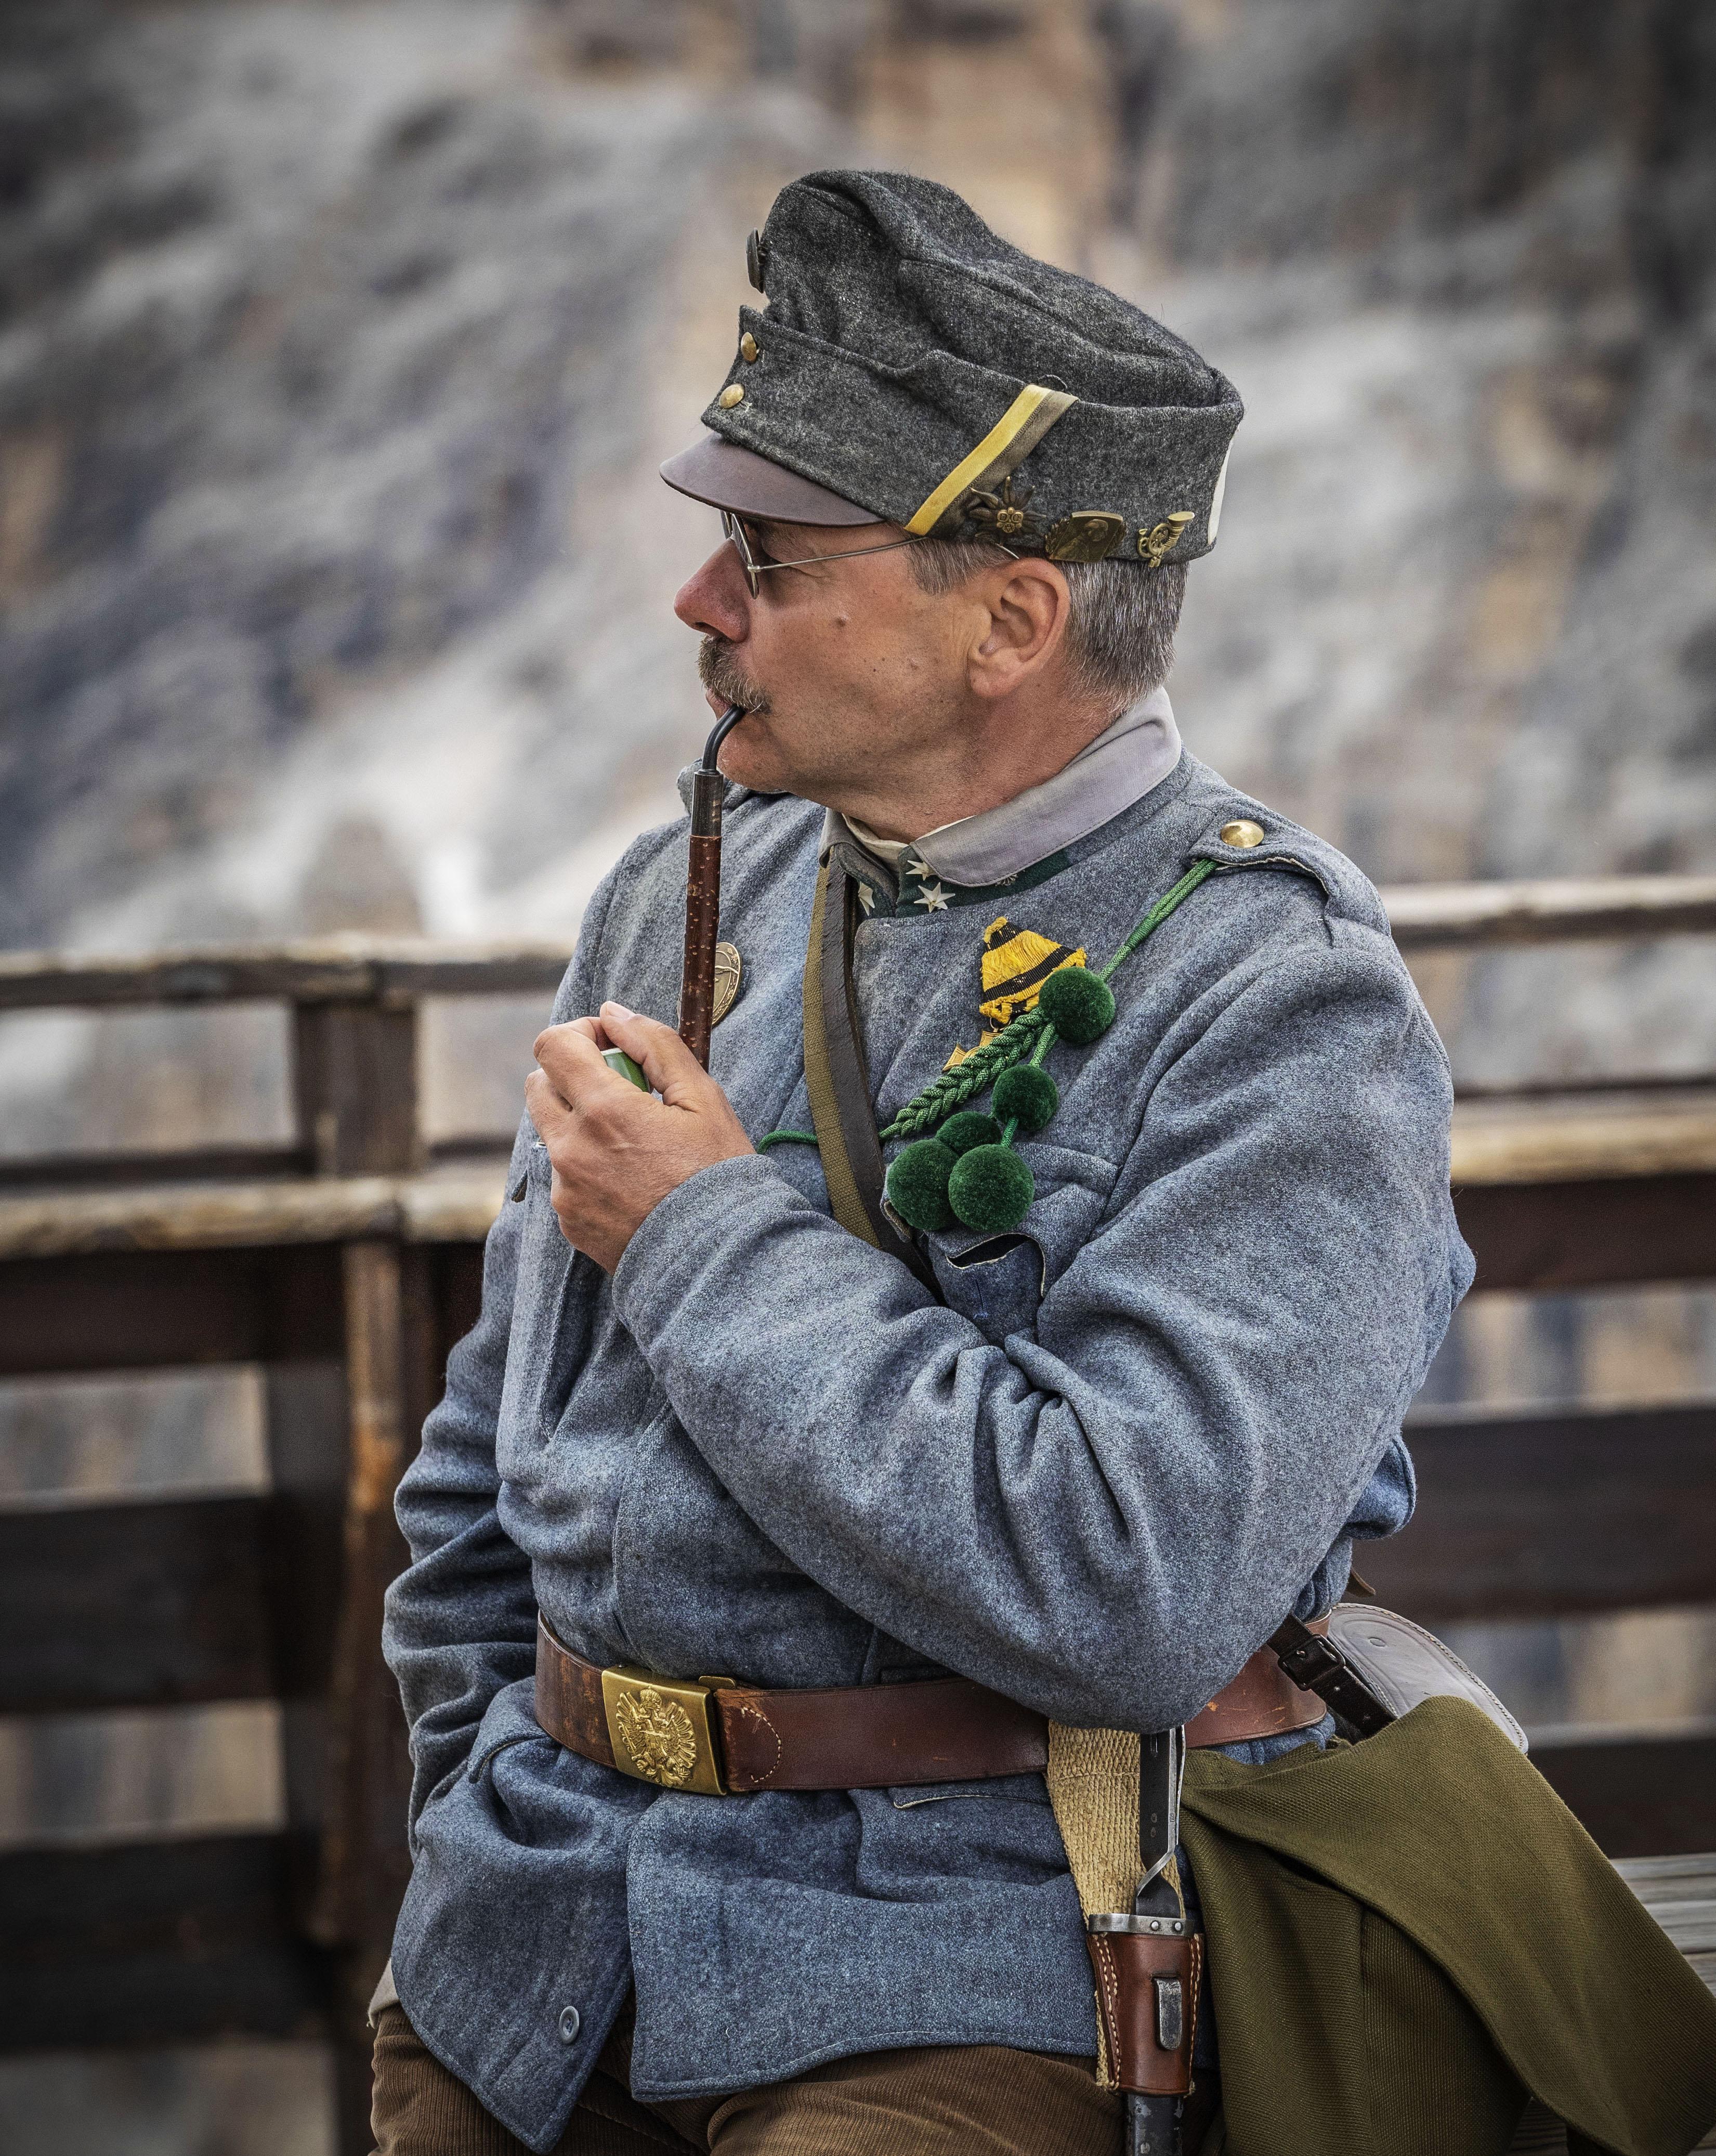 First World War Soldier